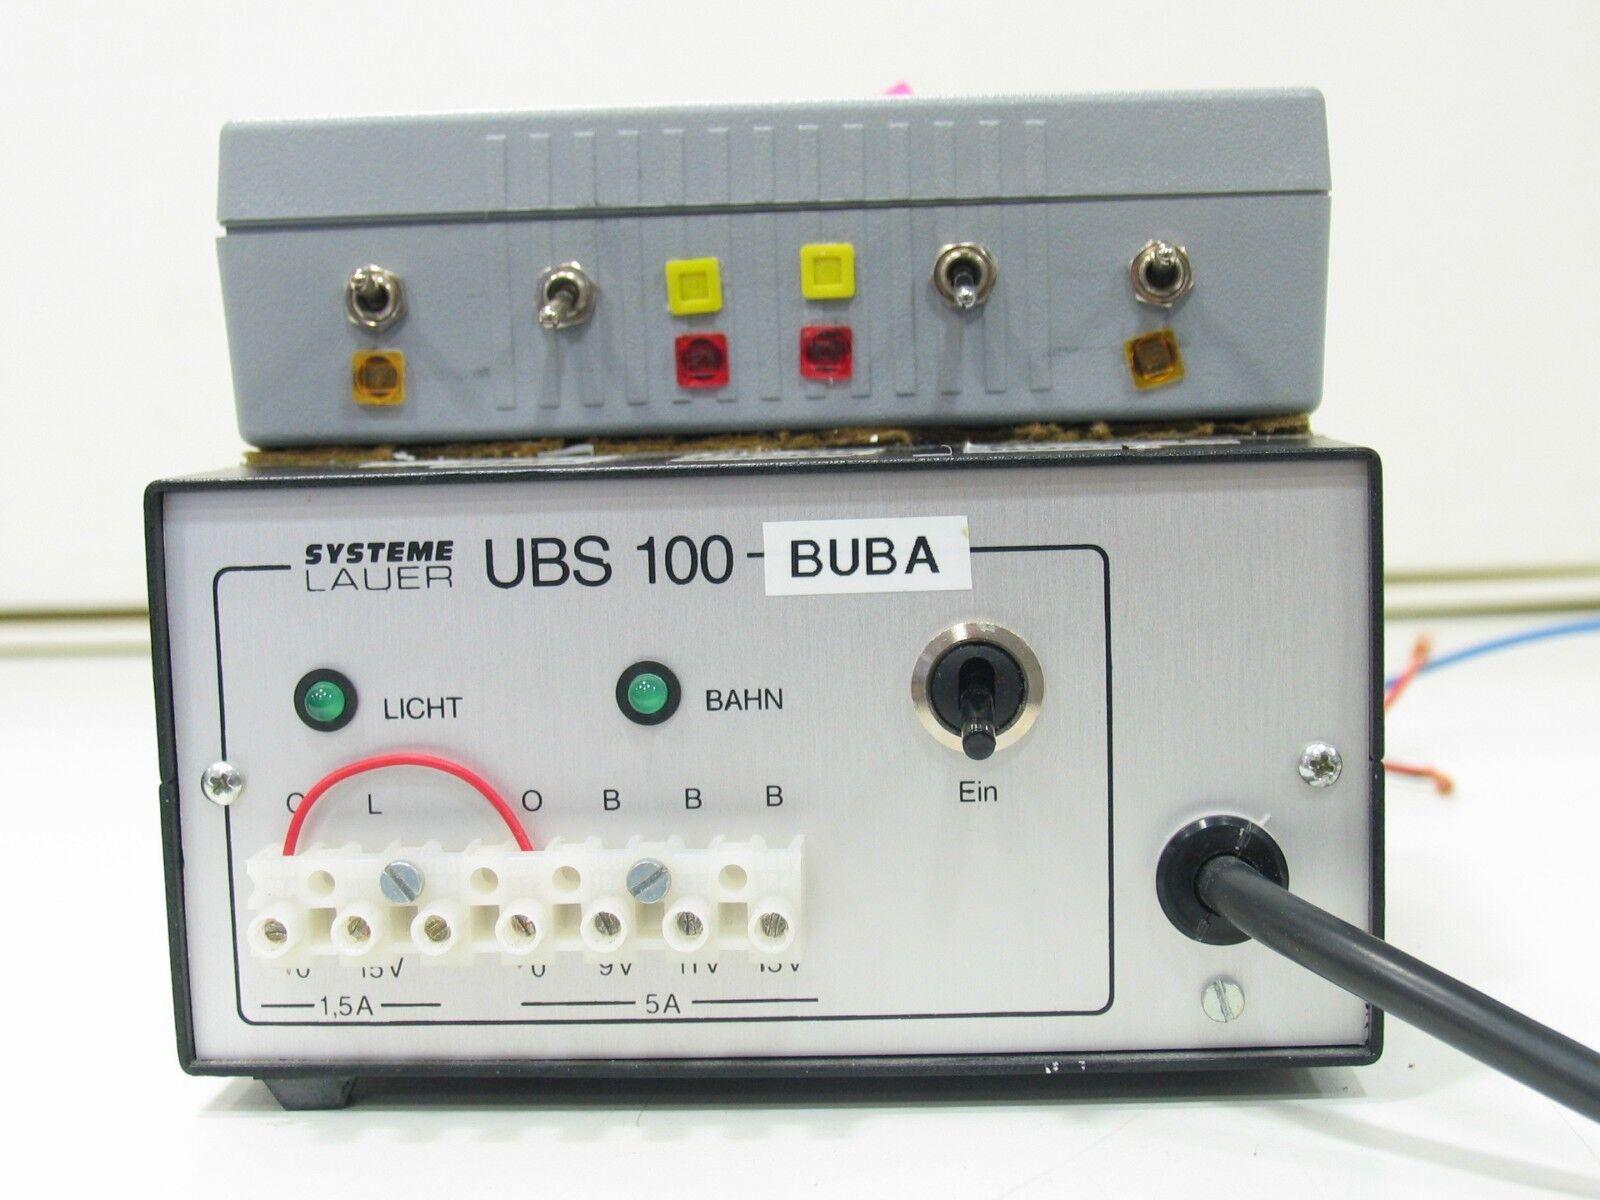 Lauer sistemi prestazioni regolatore di marcia 100 USB con aggiunta circuito nz1955